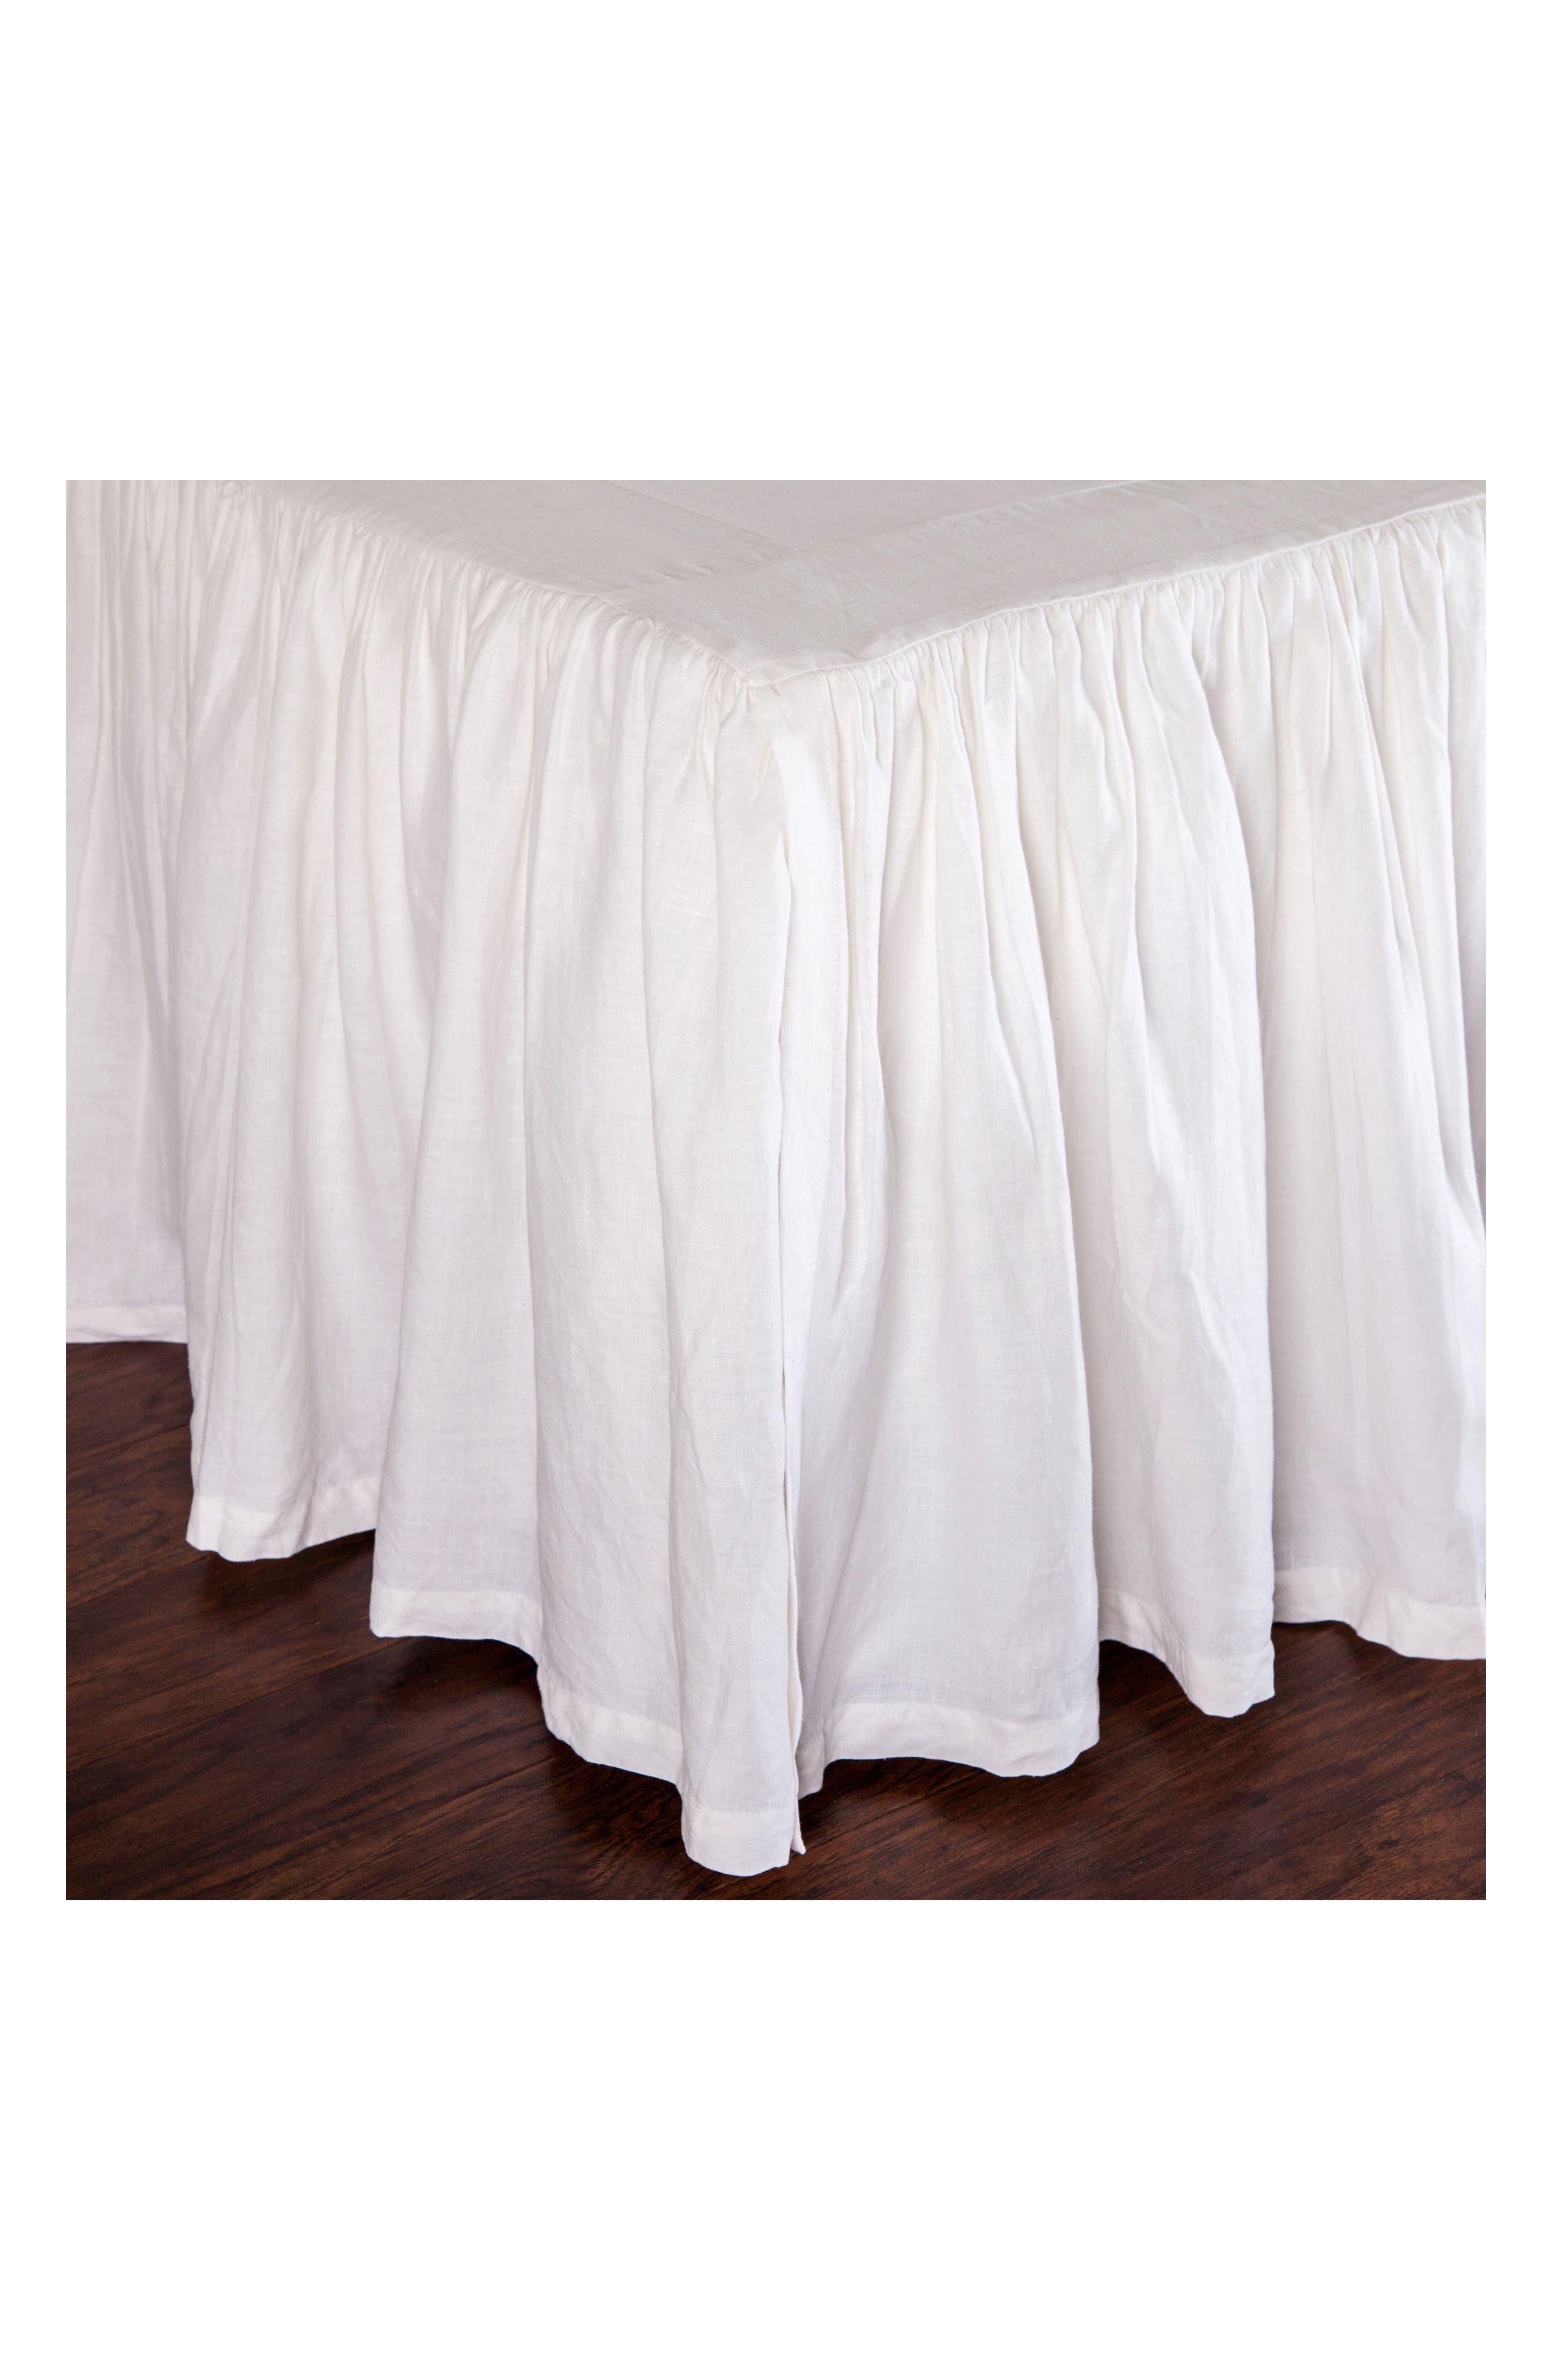 Gathered Linen Bed Skirt,                             Alternate thumbnail 2, color,                             WHITE